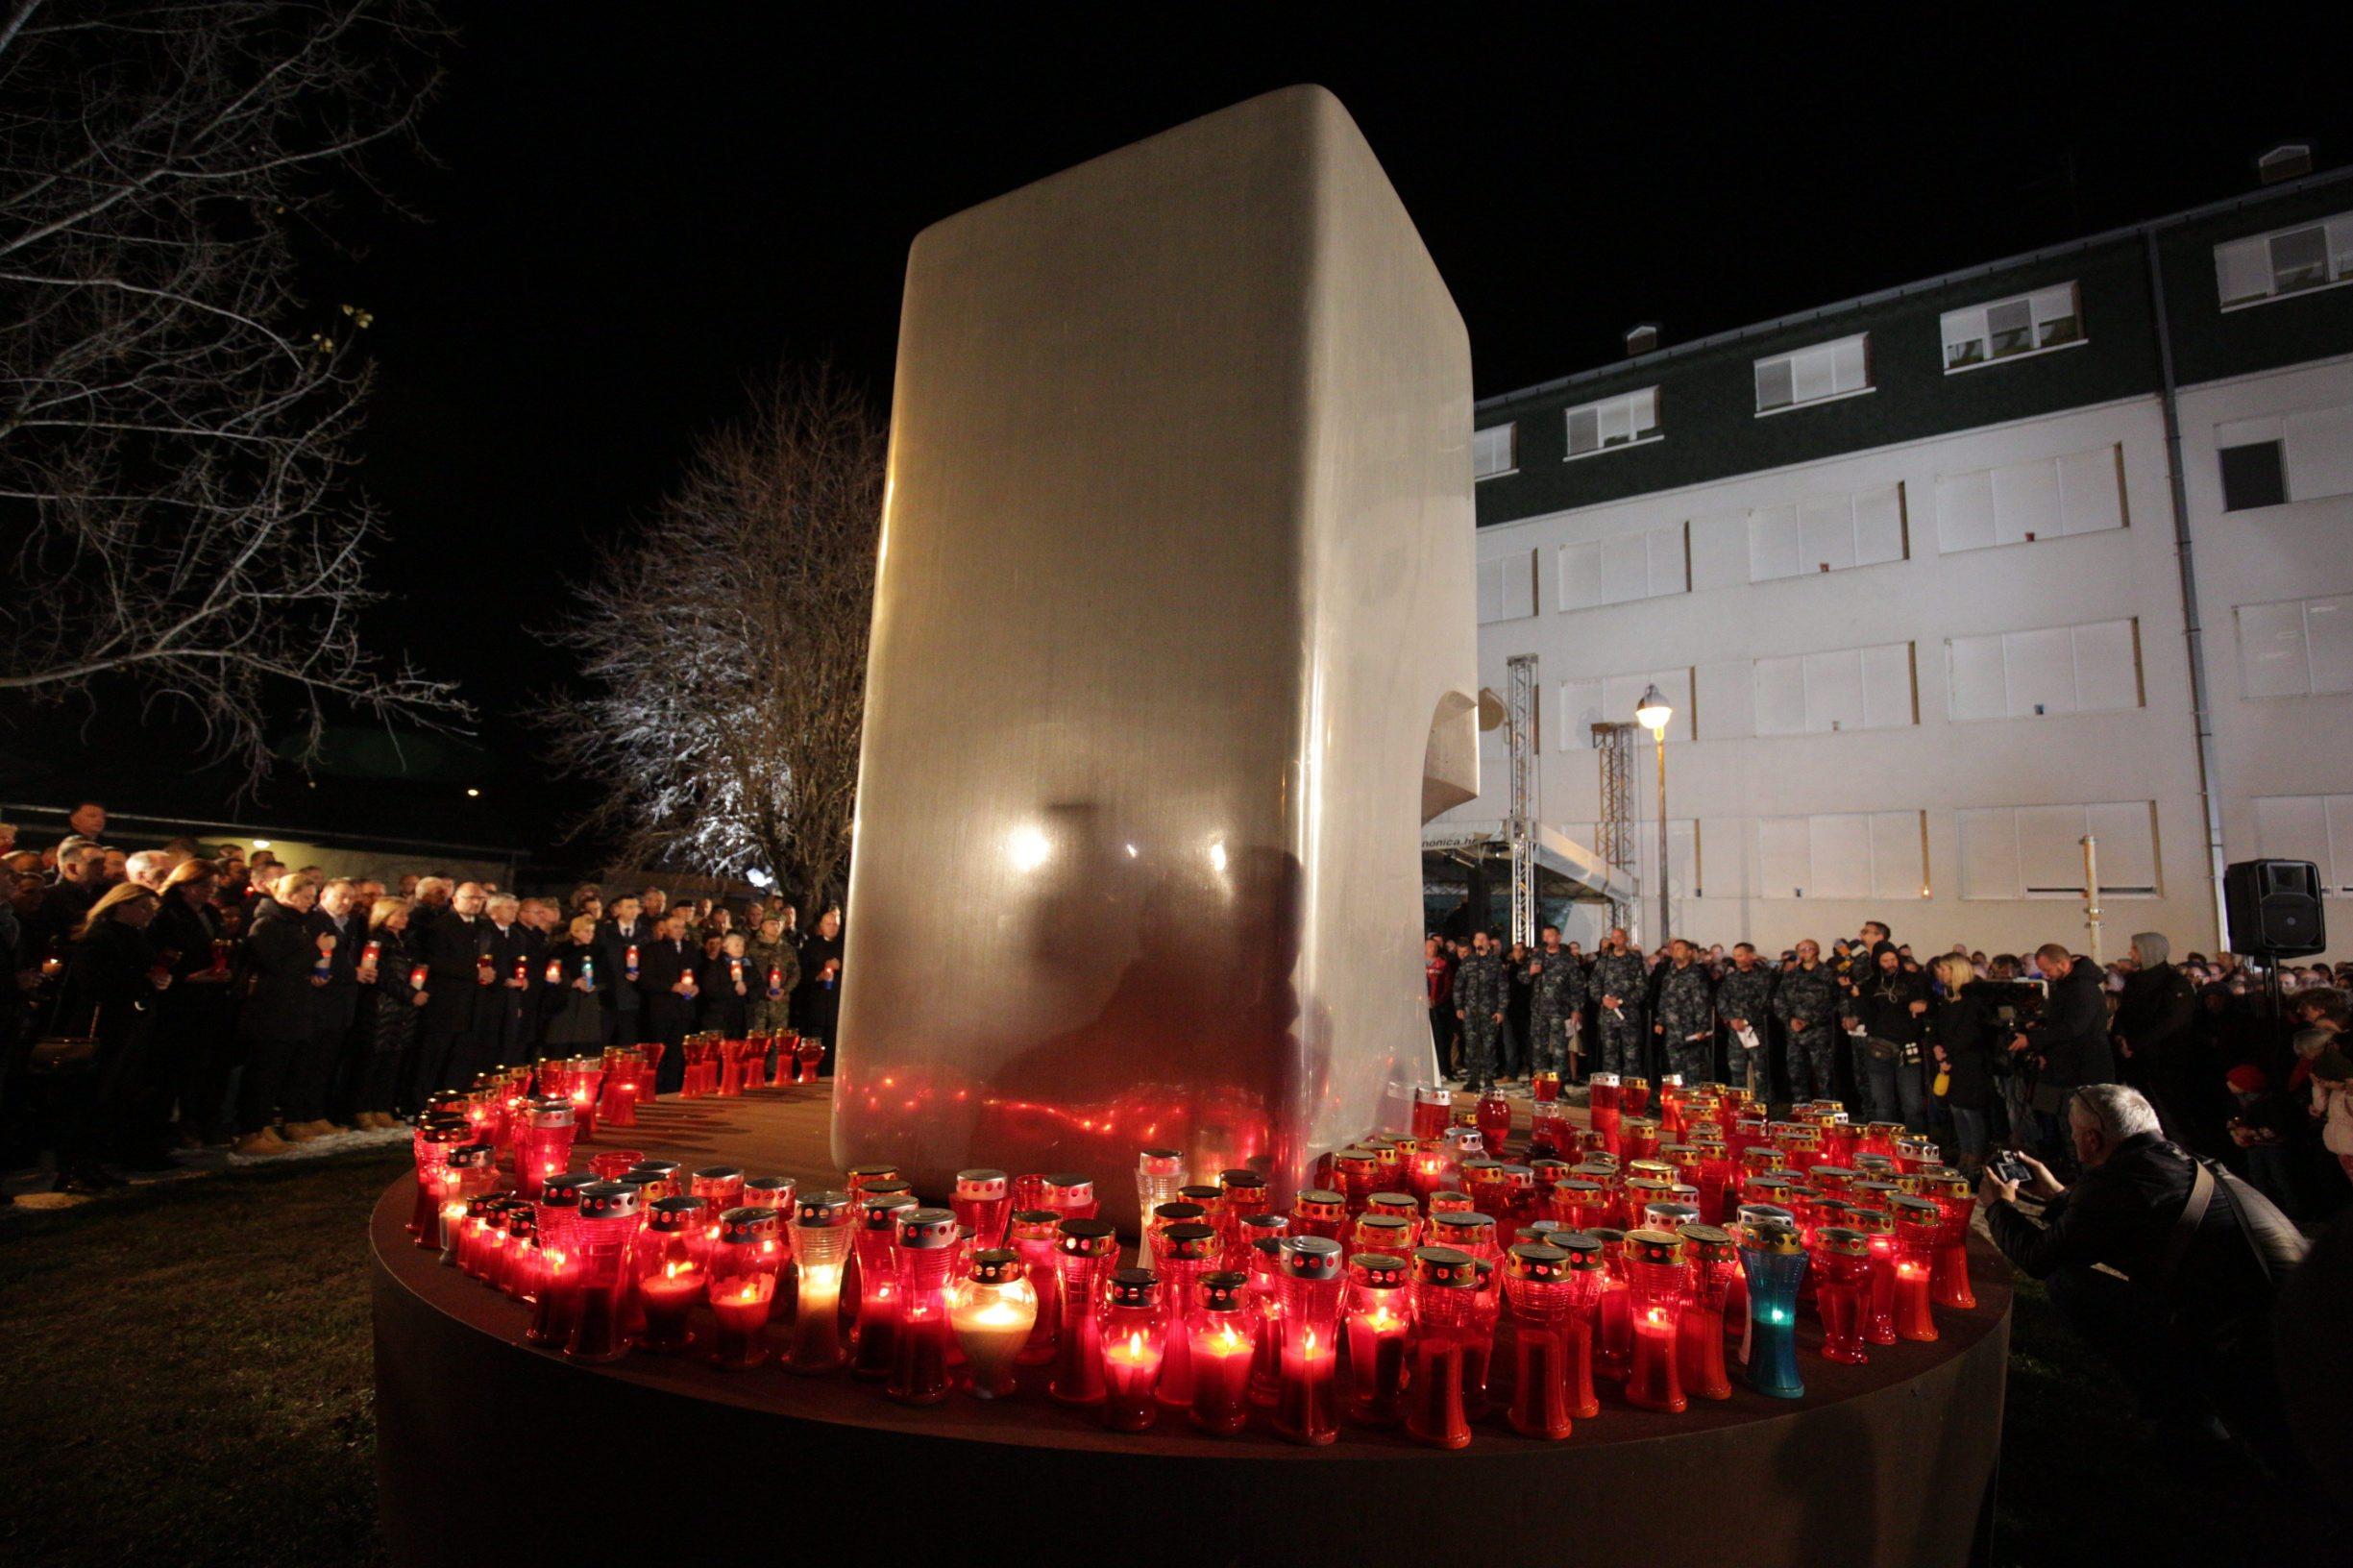 Vukovar, 171119.  Dan sjecanja na zrtvu Vukovara. Paljene svijeca u dvoristu vukovarske bolnice. Na fotografiji: paljenje svijeca. Foto: Vlado Kos / CROPIX